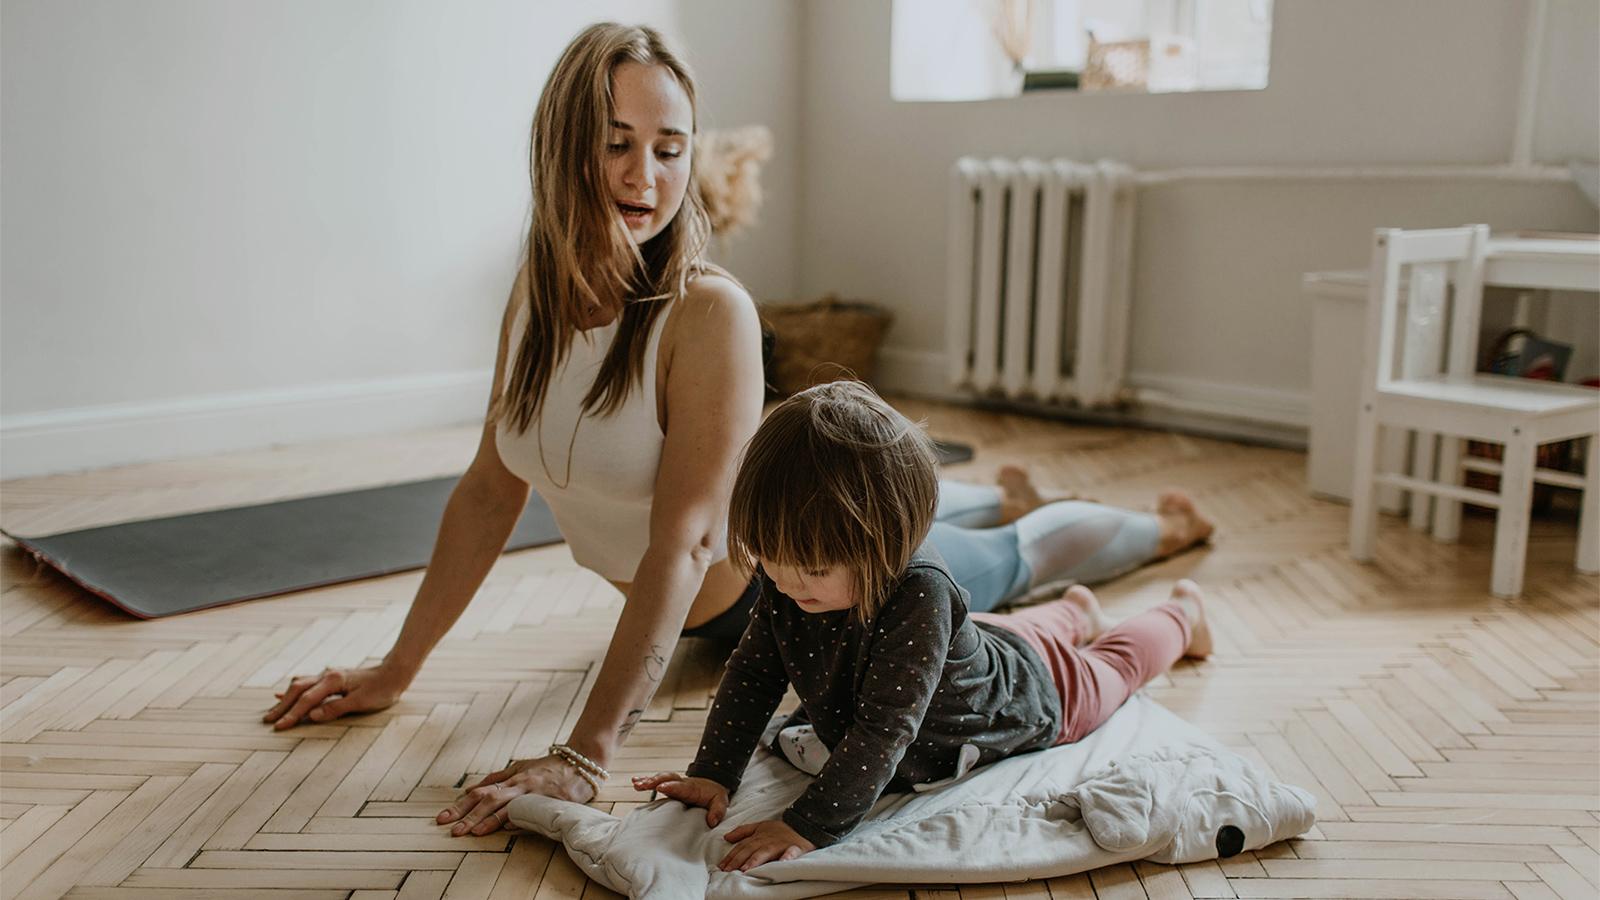 أهم الطرق والألعاب للاستمتاع مع العائلة